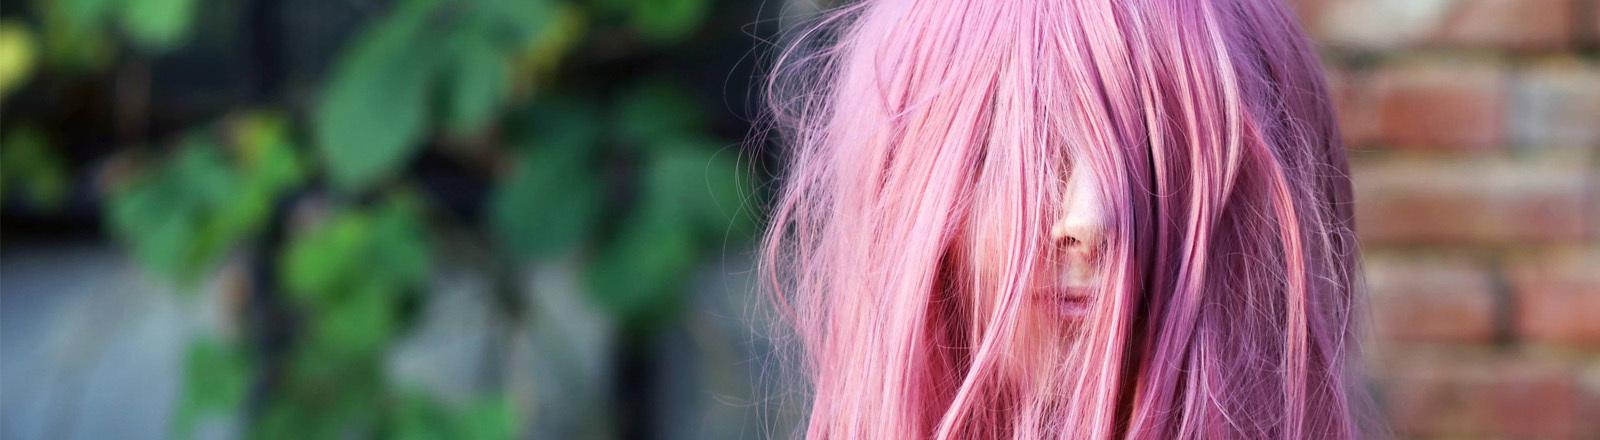 Mädchen mit pinken Haaren vorm Gesicht